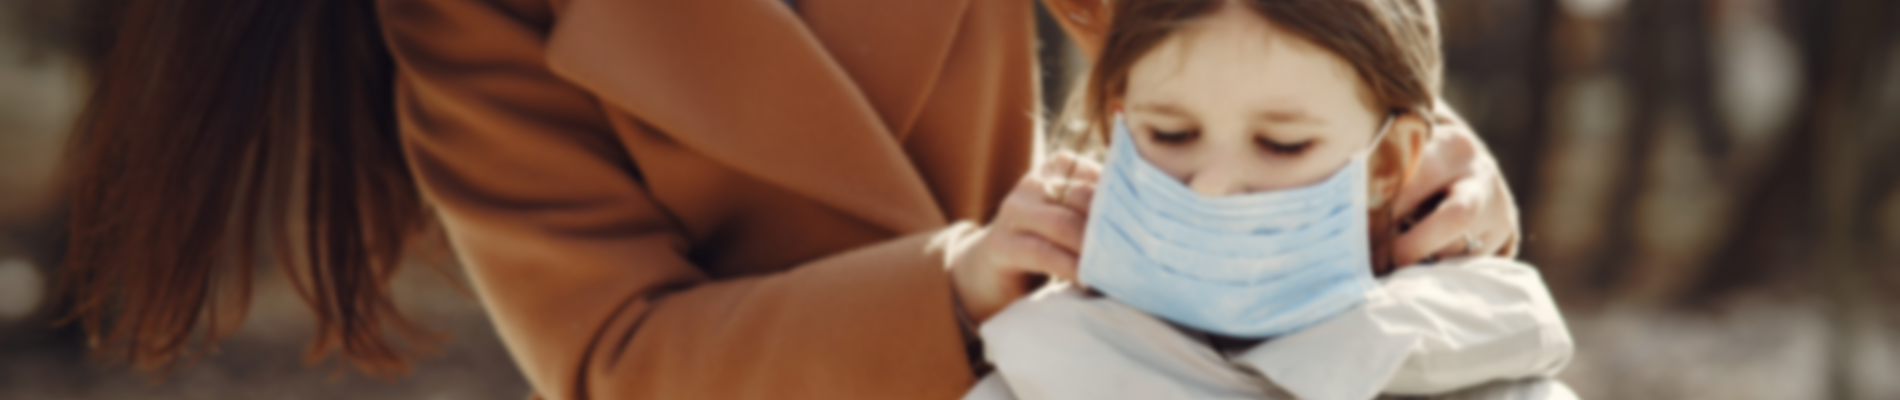 Cuida a tu familia - Sanitización y ambientes